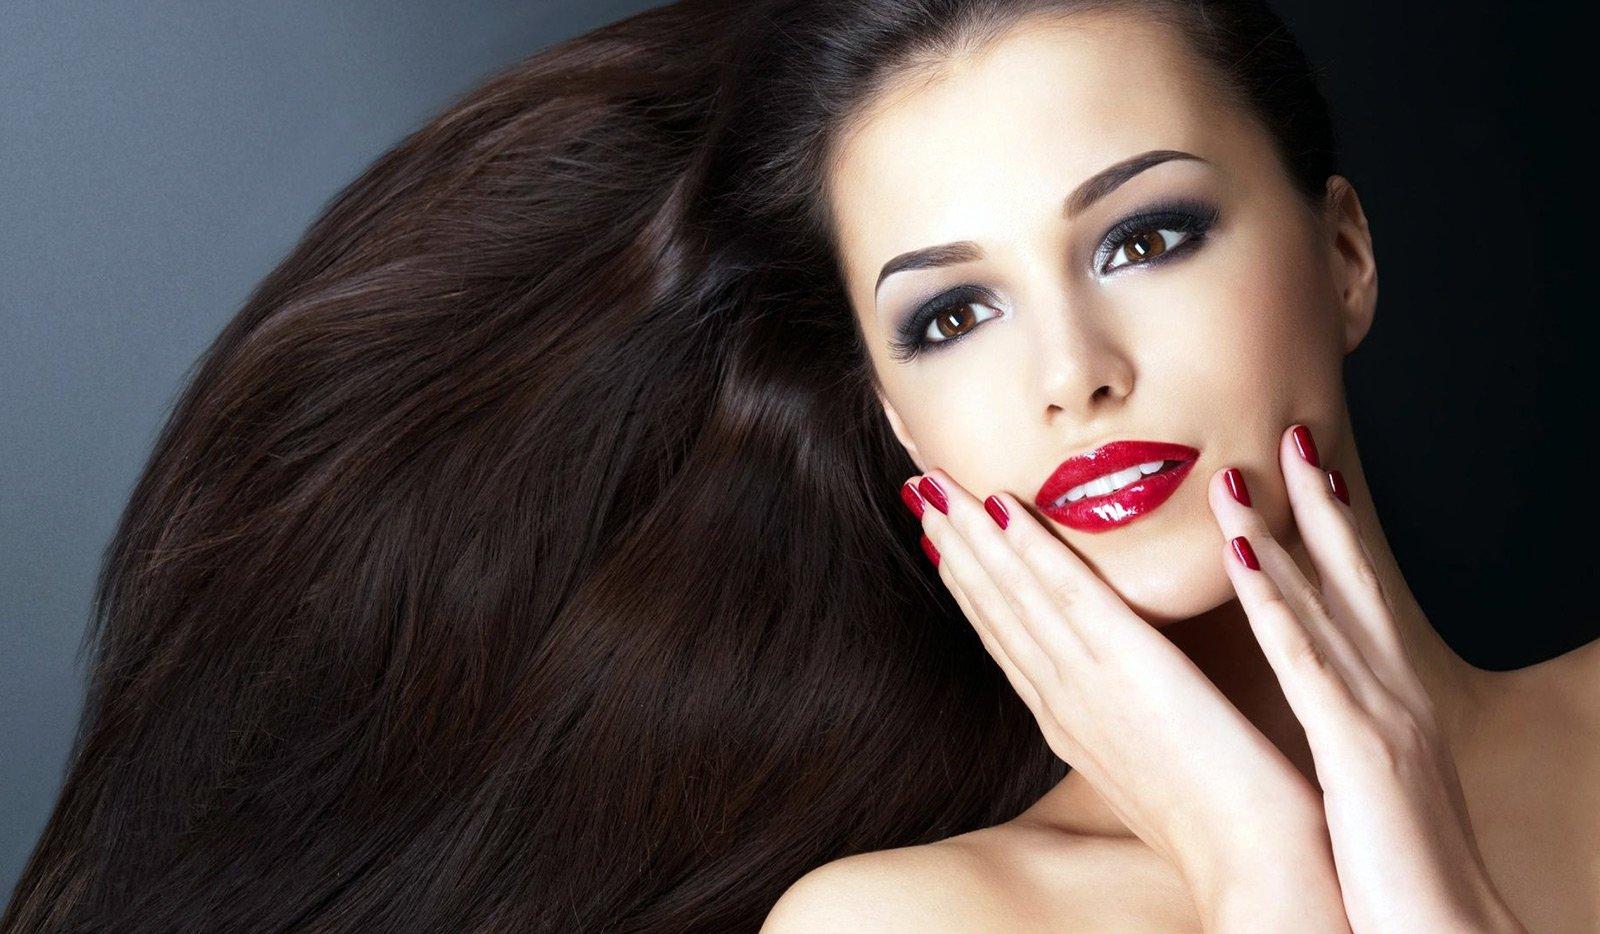 Красивые фотографии девушек с красивыми волосами фото 402-549